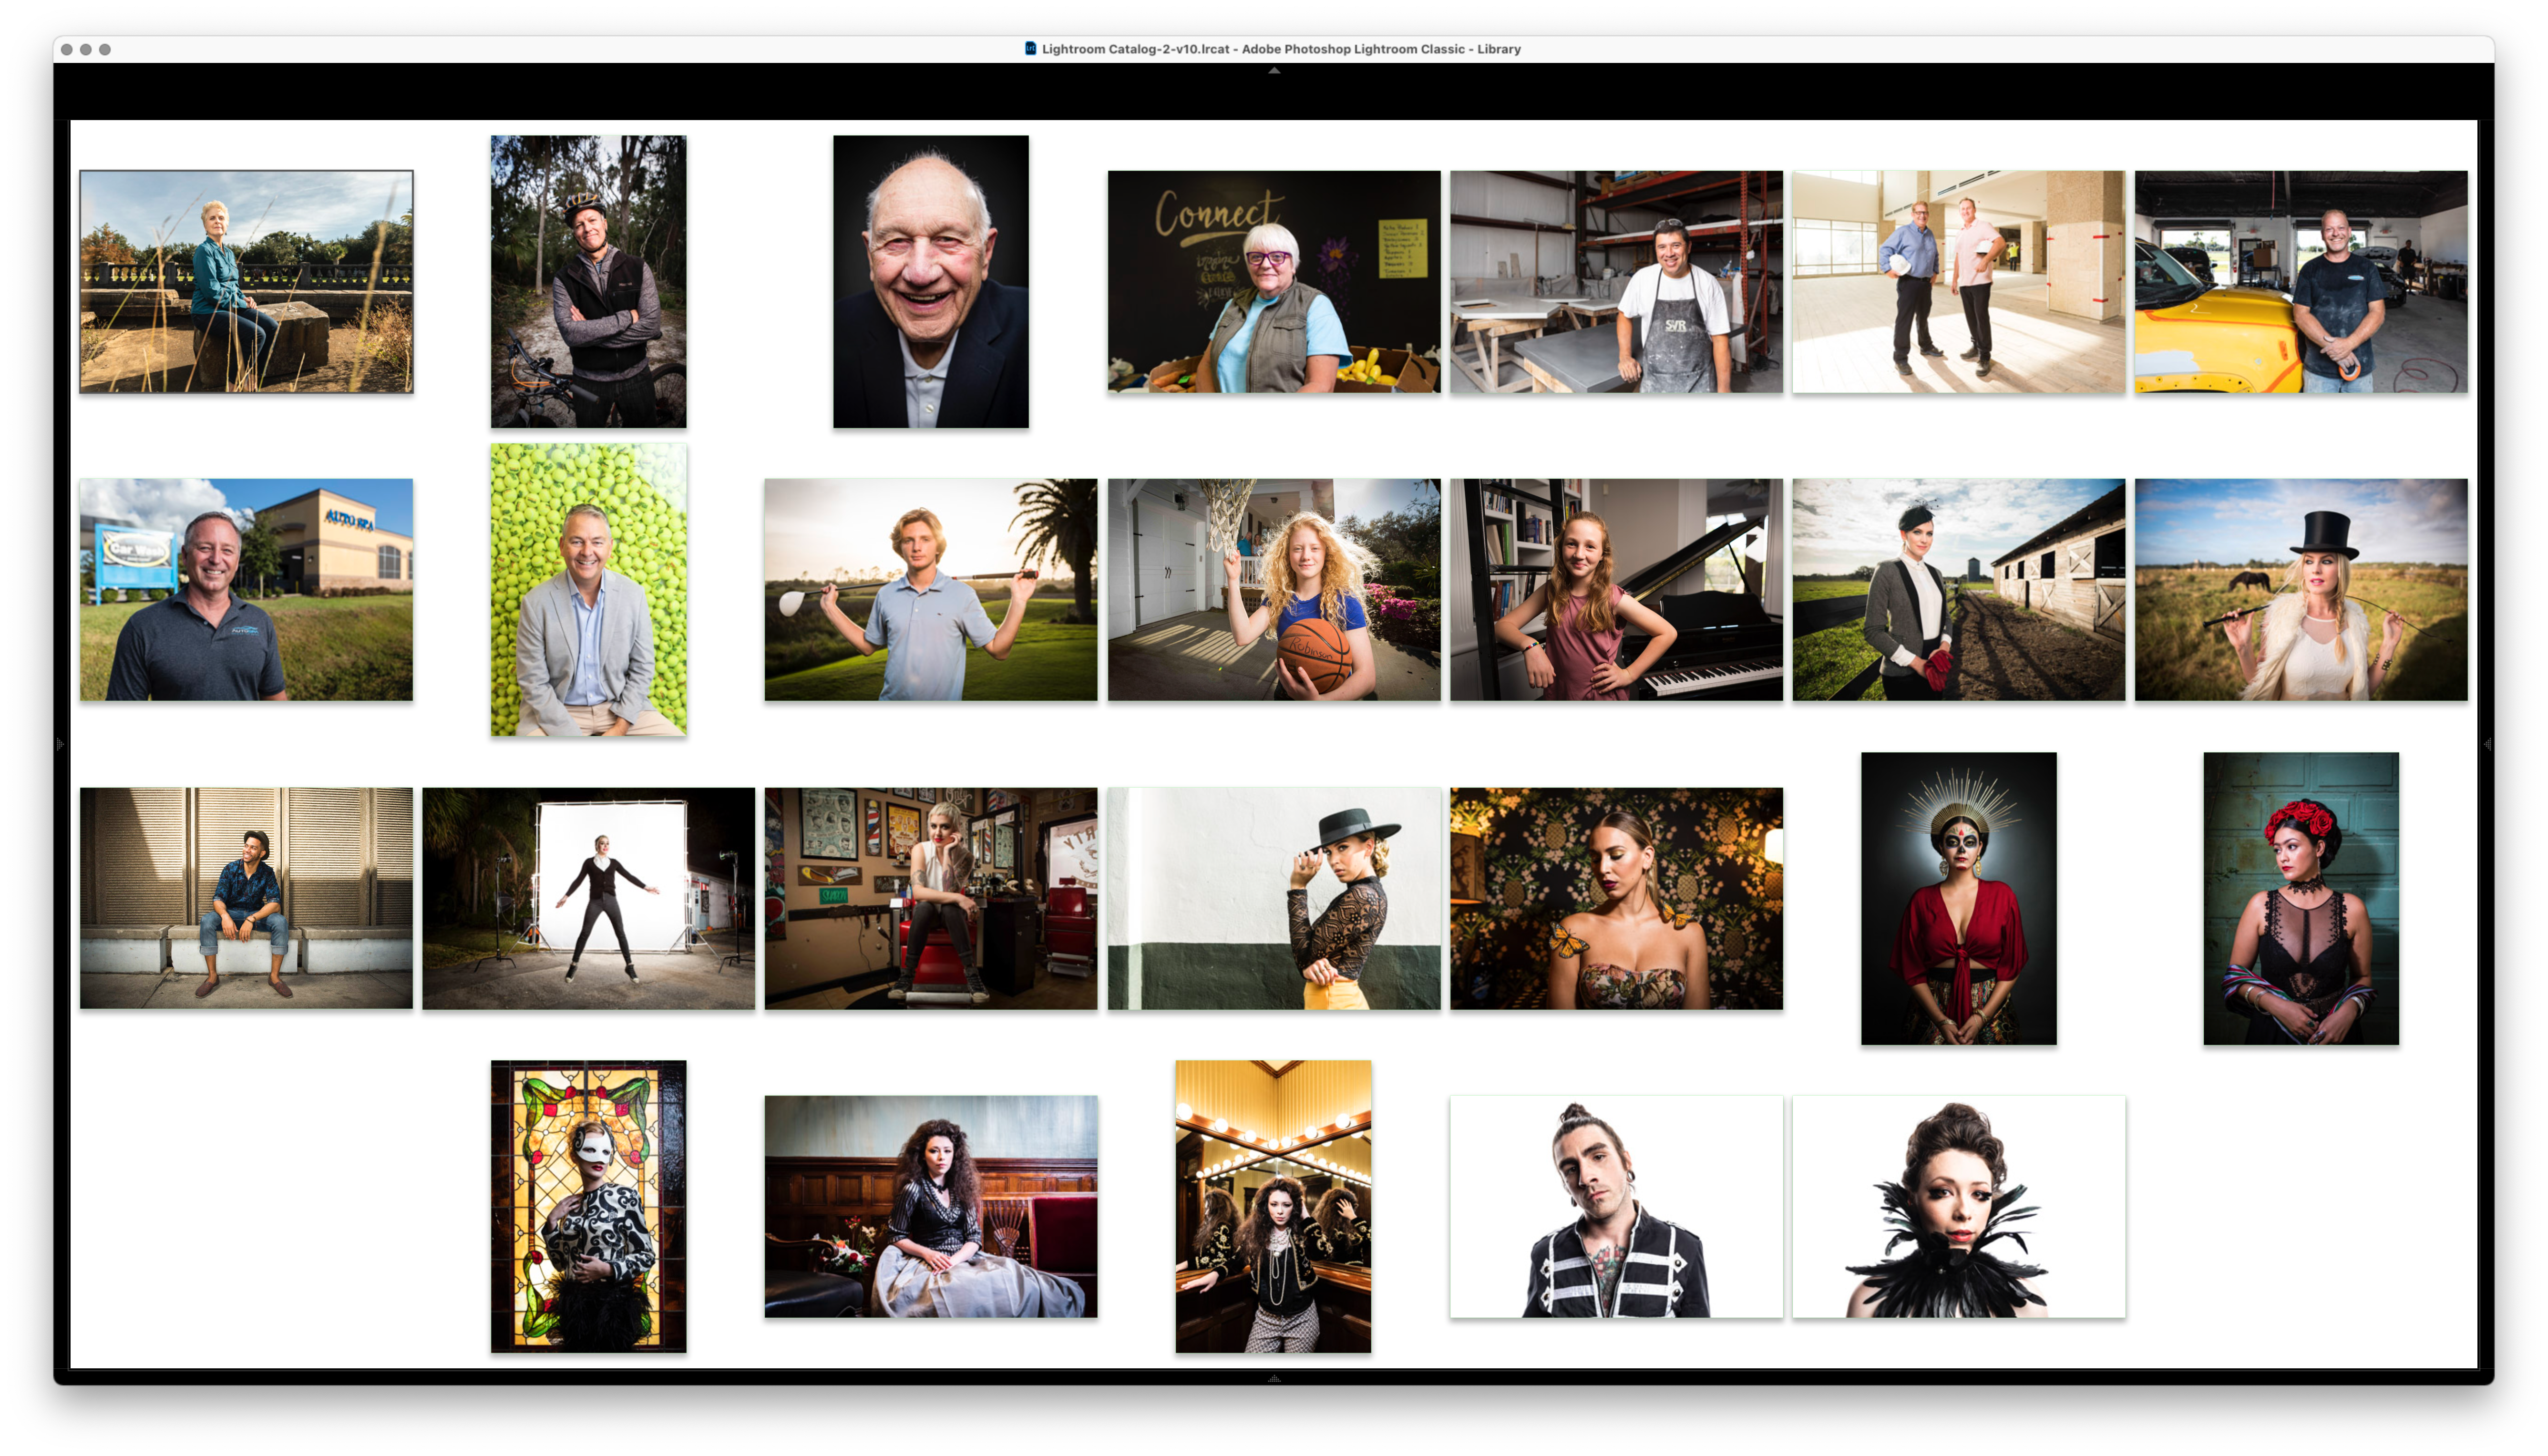 portraite gallery for ryan wendlers web edit